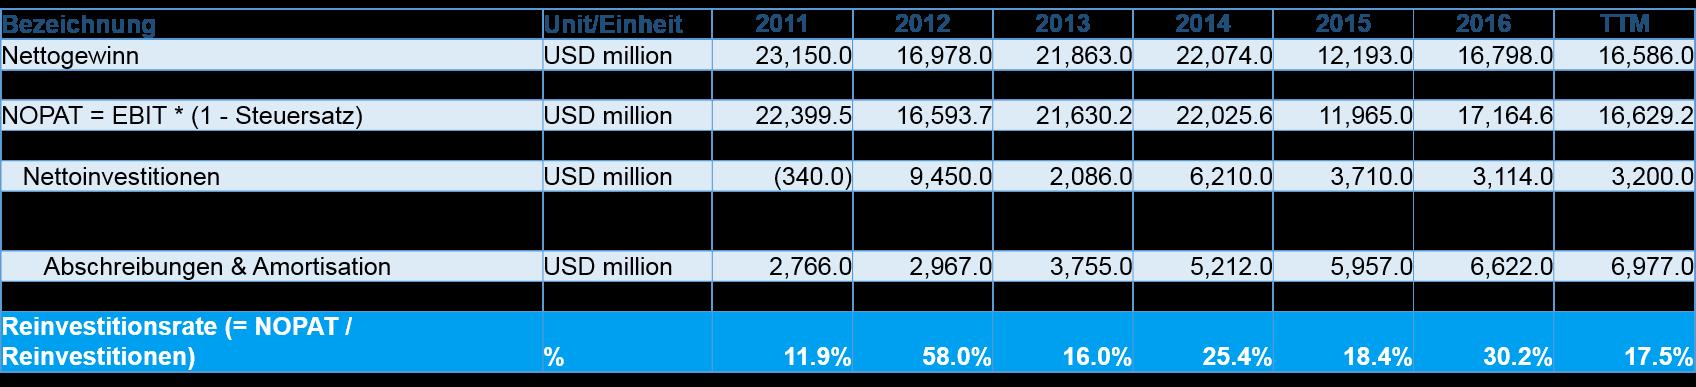 Reinvestitionsquote Wiederanlagequote MSFT - Wachstumsrate für die Cash Flow Prognose